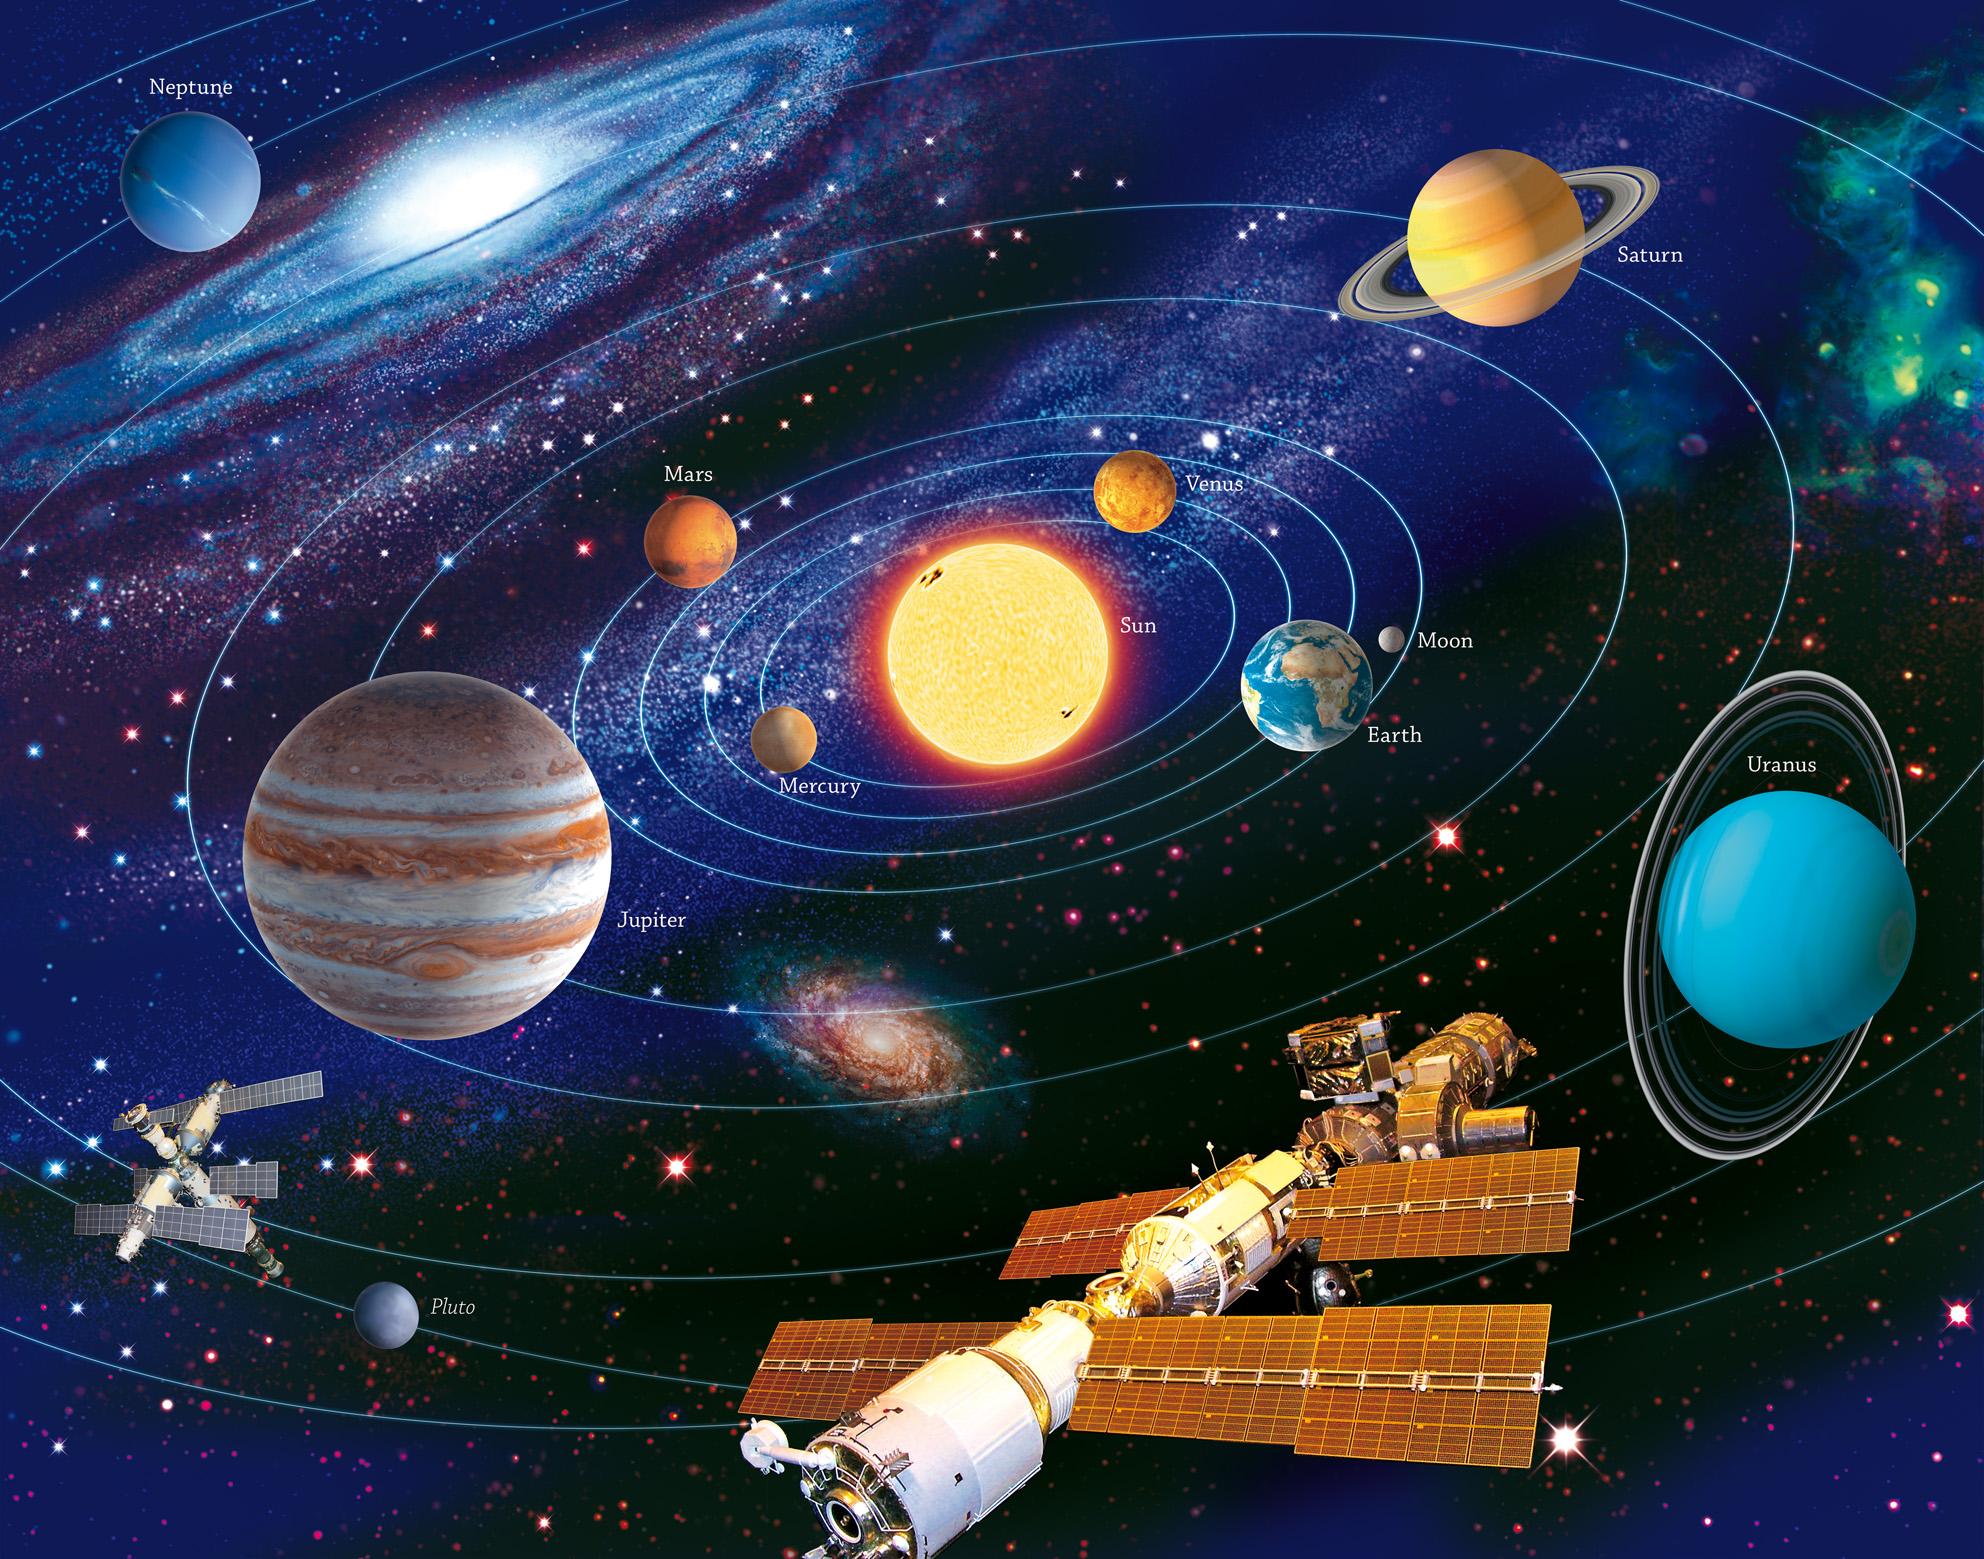 Картинки космоса и планет для детей